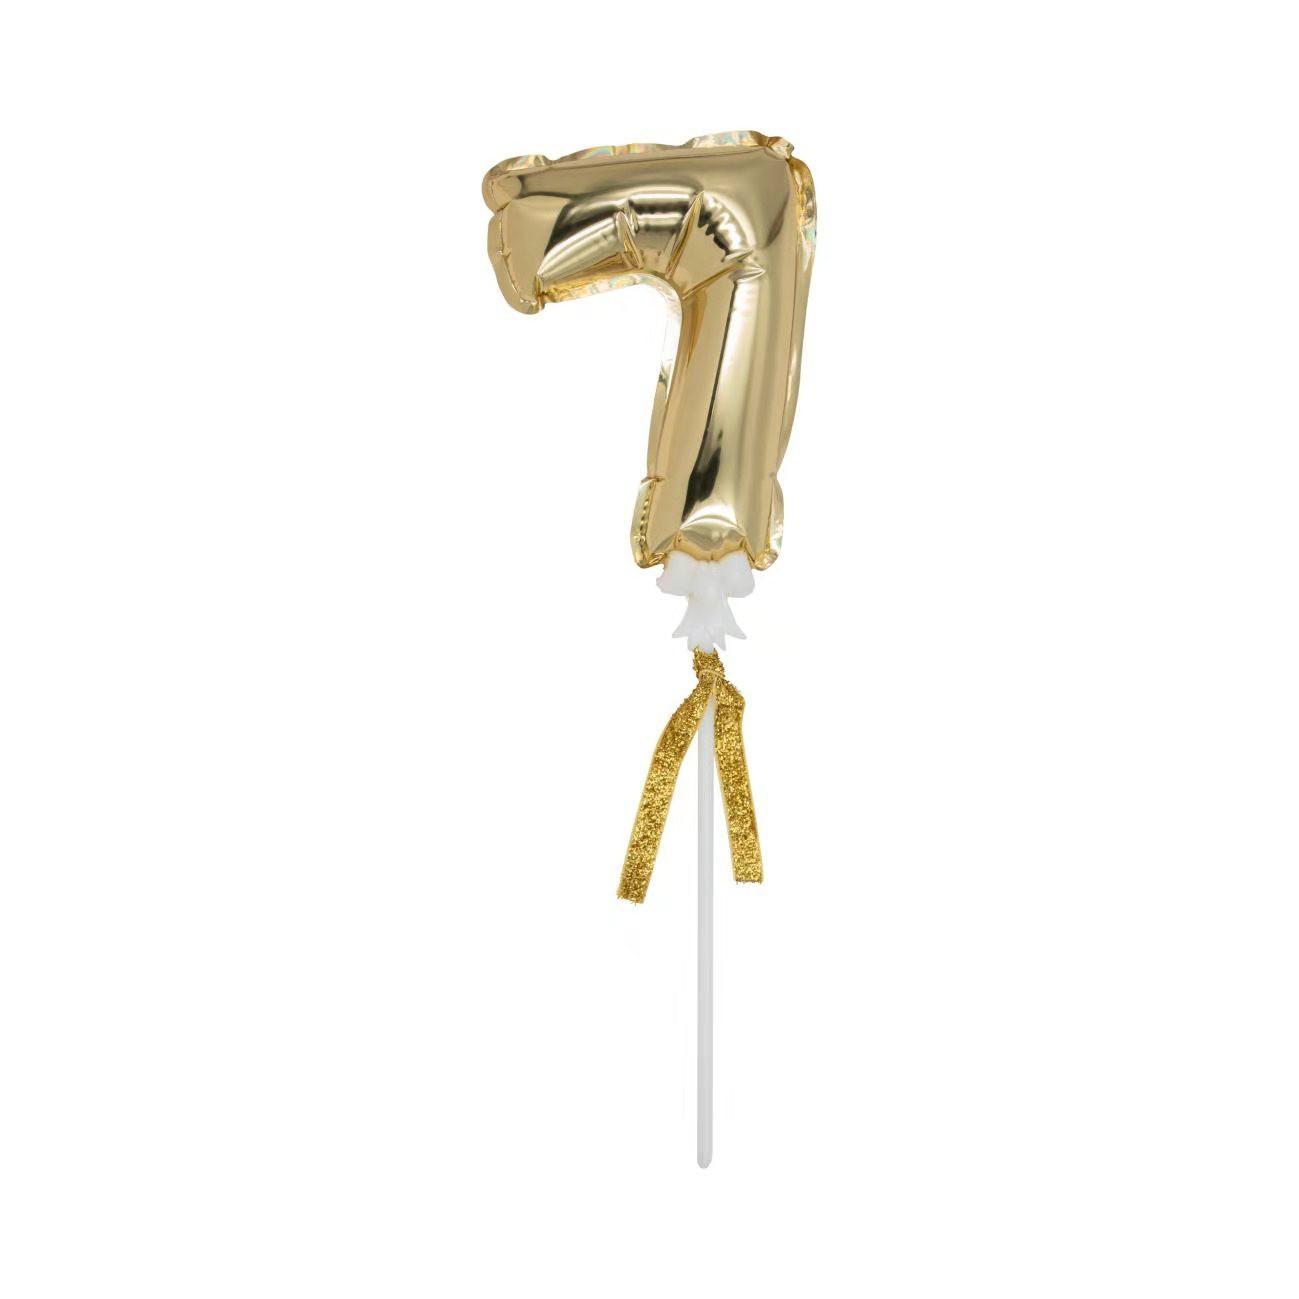 בלון, מיני בלון, בלון ספרה, יום הולדת, קיסם ספרה, ספרה, מספר, עריכת שולחן, סידור שולחן, מסיבת יום הולדת, בלון מספר,